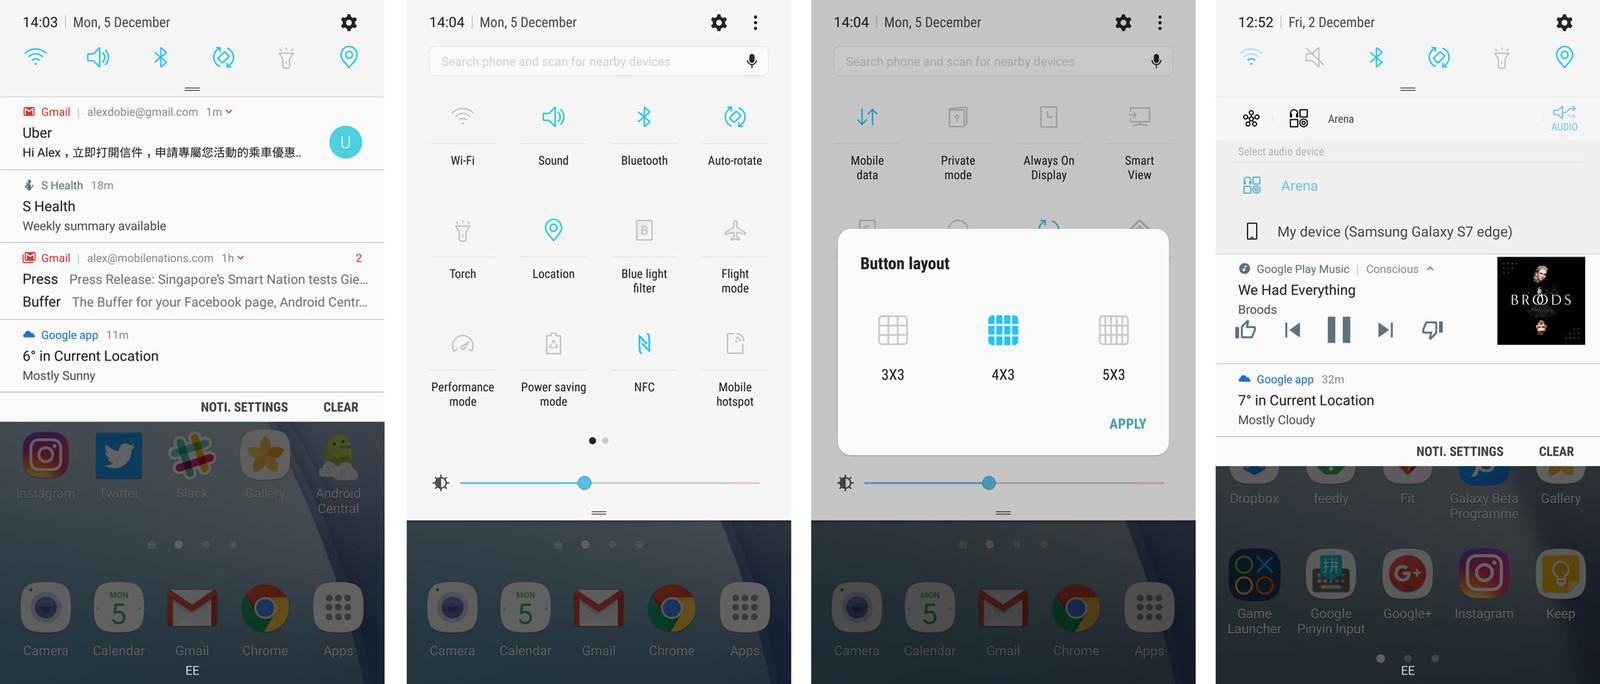 kakie-funkcii-prineset-android-7-0-nougat-smartfonam-samsung-galaxy-s7-panel-uvedomlenijj